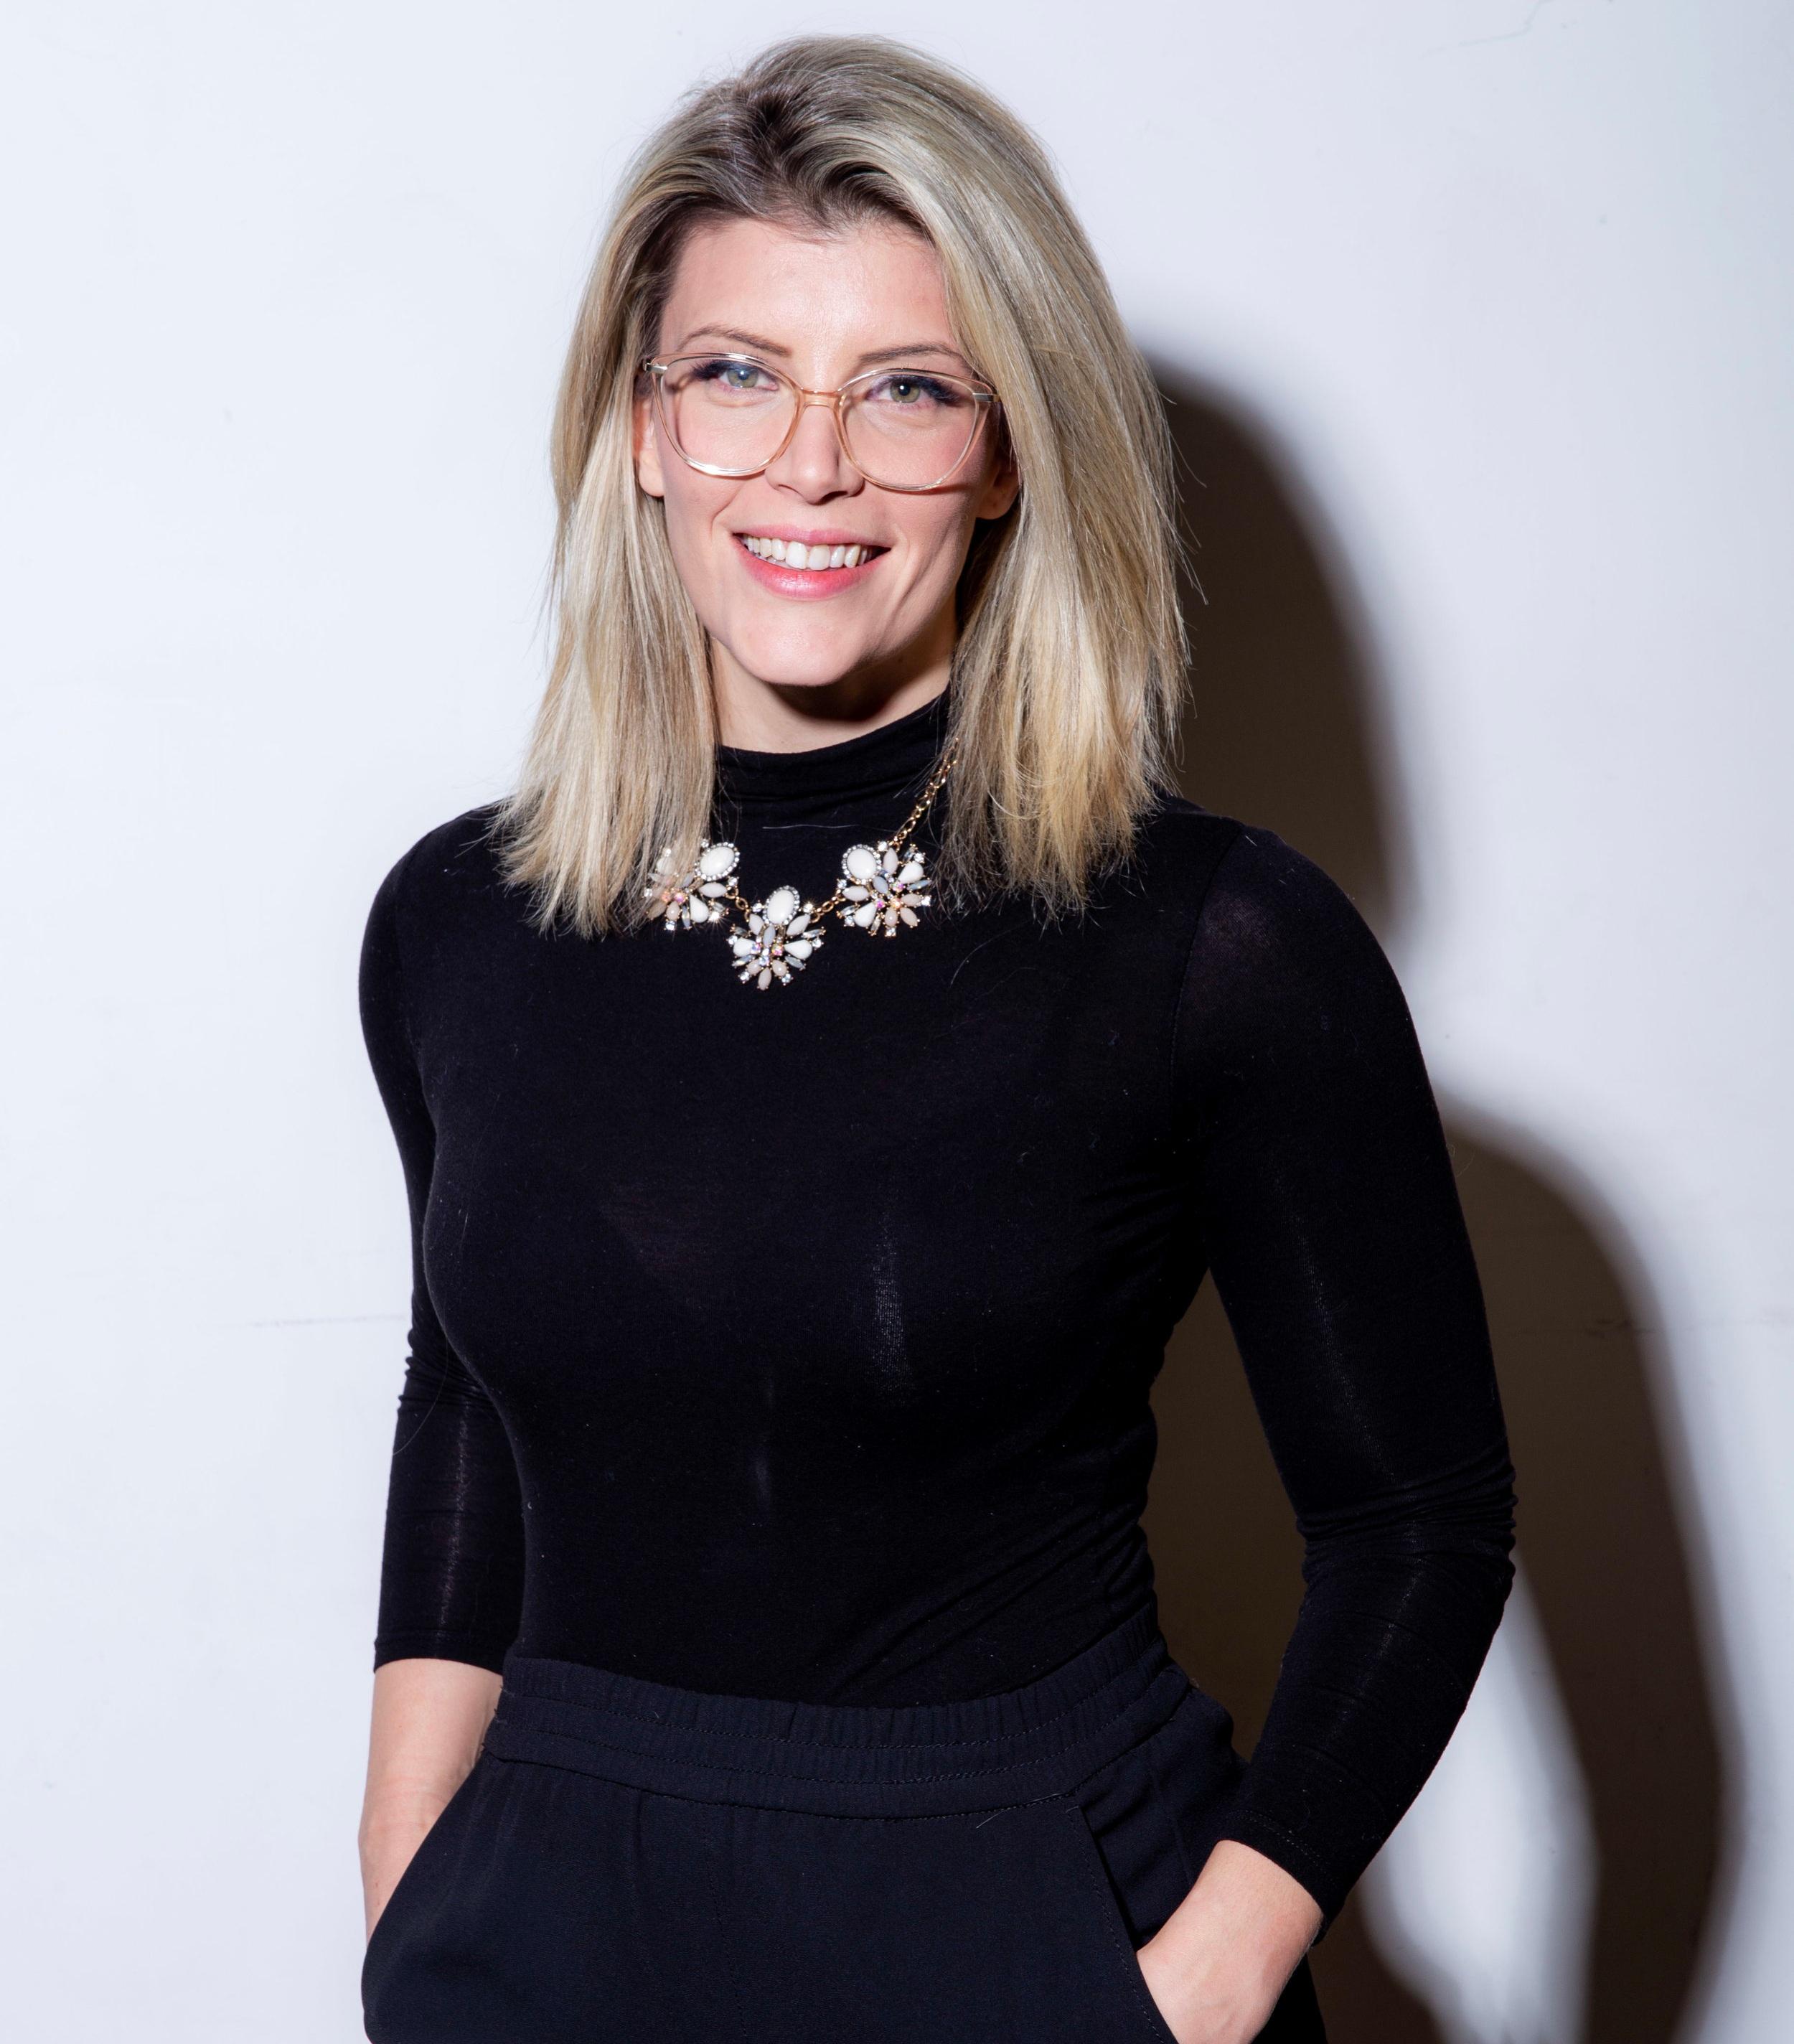 Monika Shugan